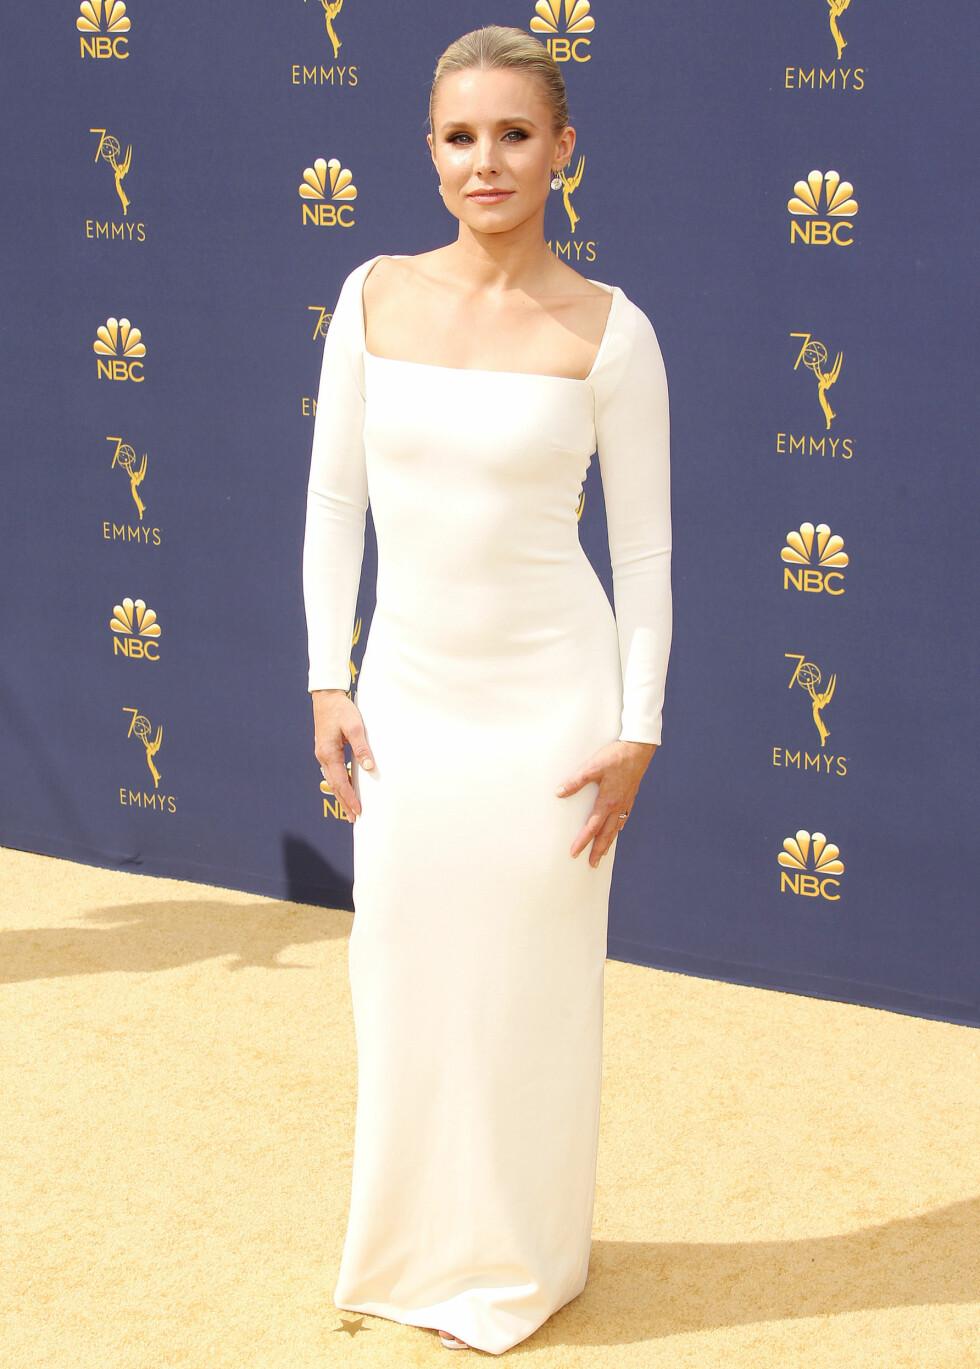 HEIT I HVITT: Skuespiller Kristen Bell. FOTO: NTB Scanpix